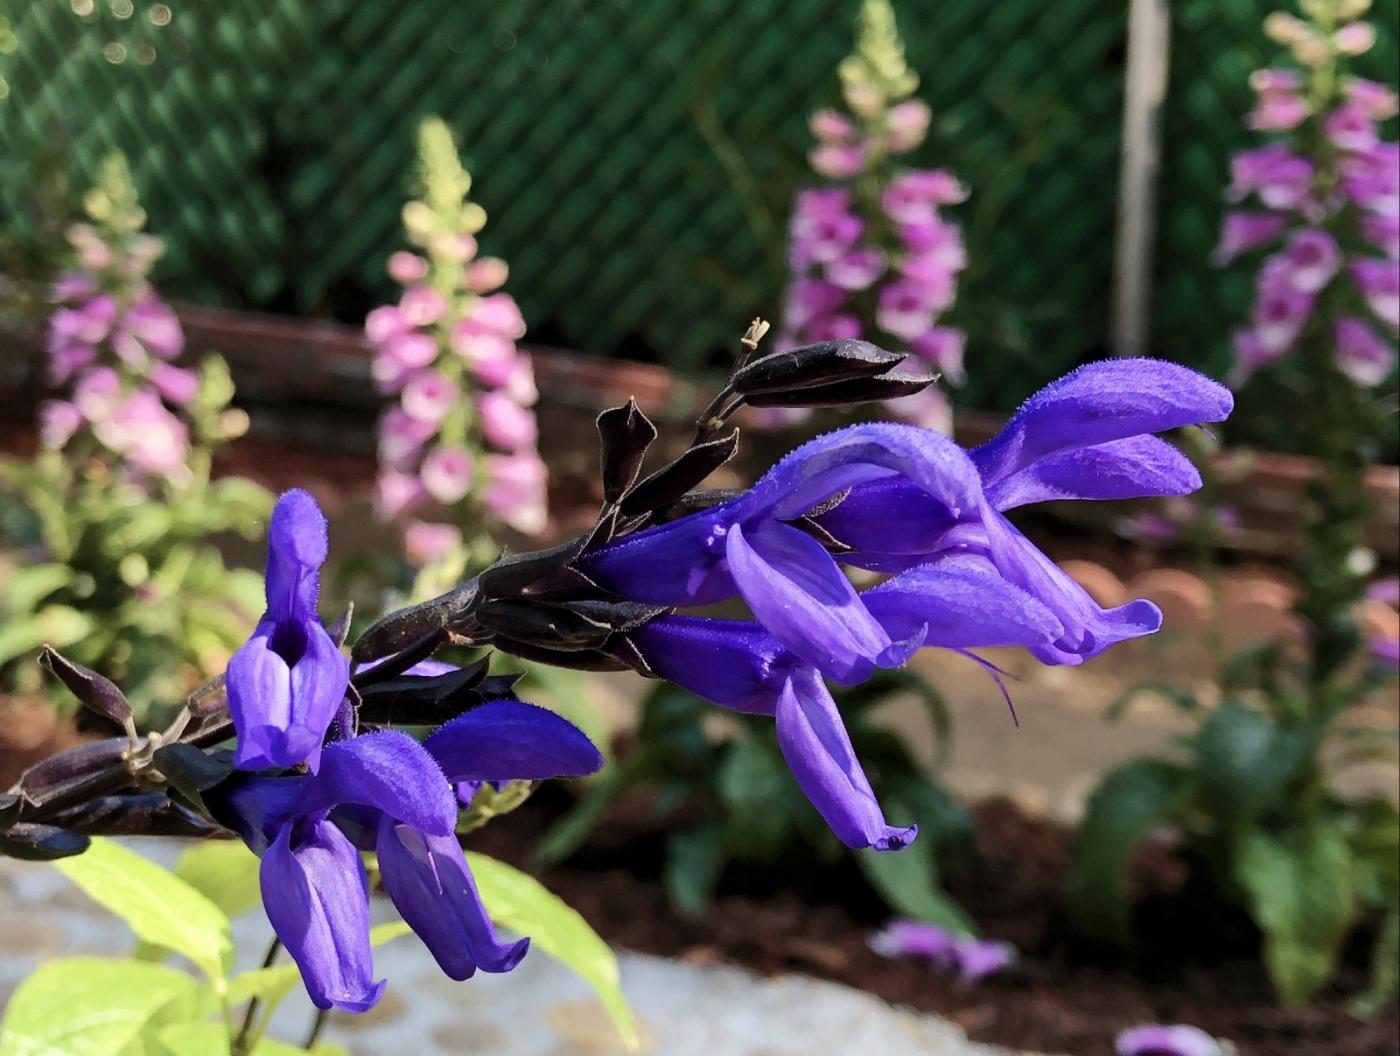 【田螺随拍】我今年种的蜂鸟喜欢吃的花都开了_图1-15